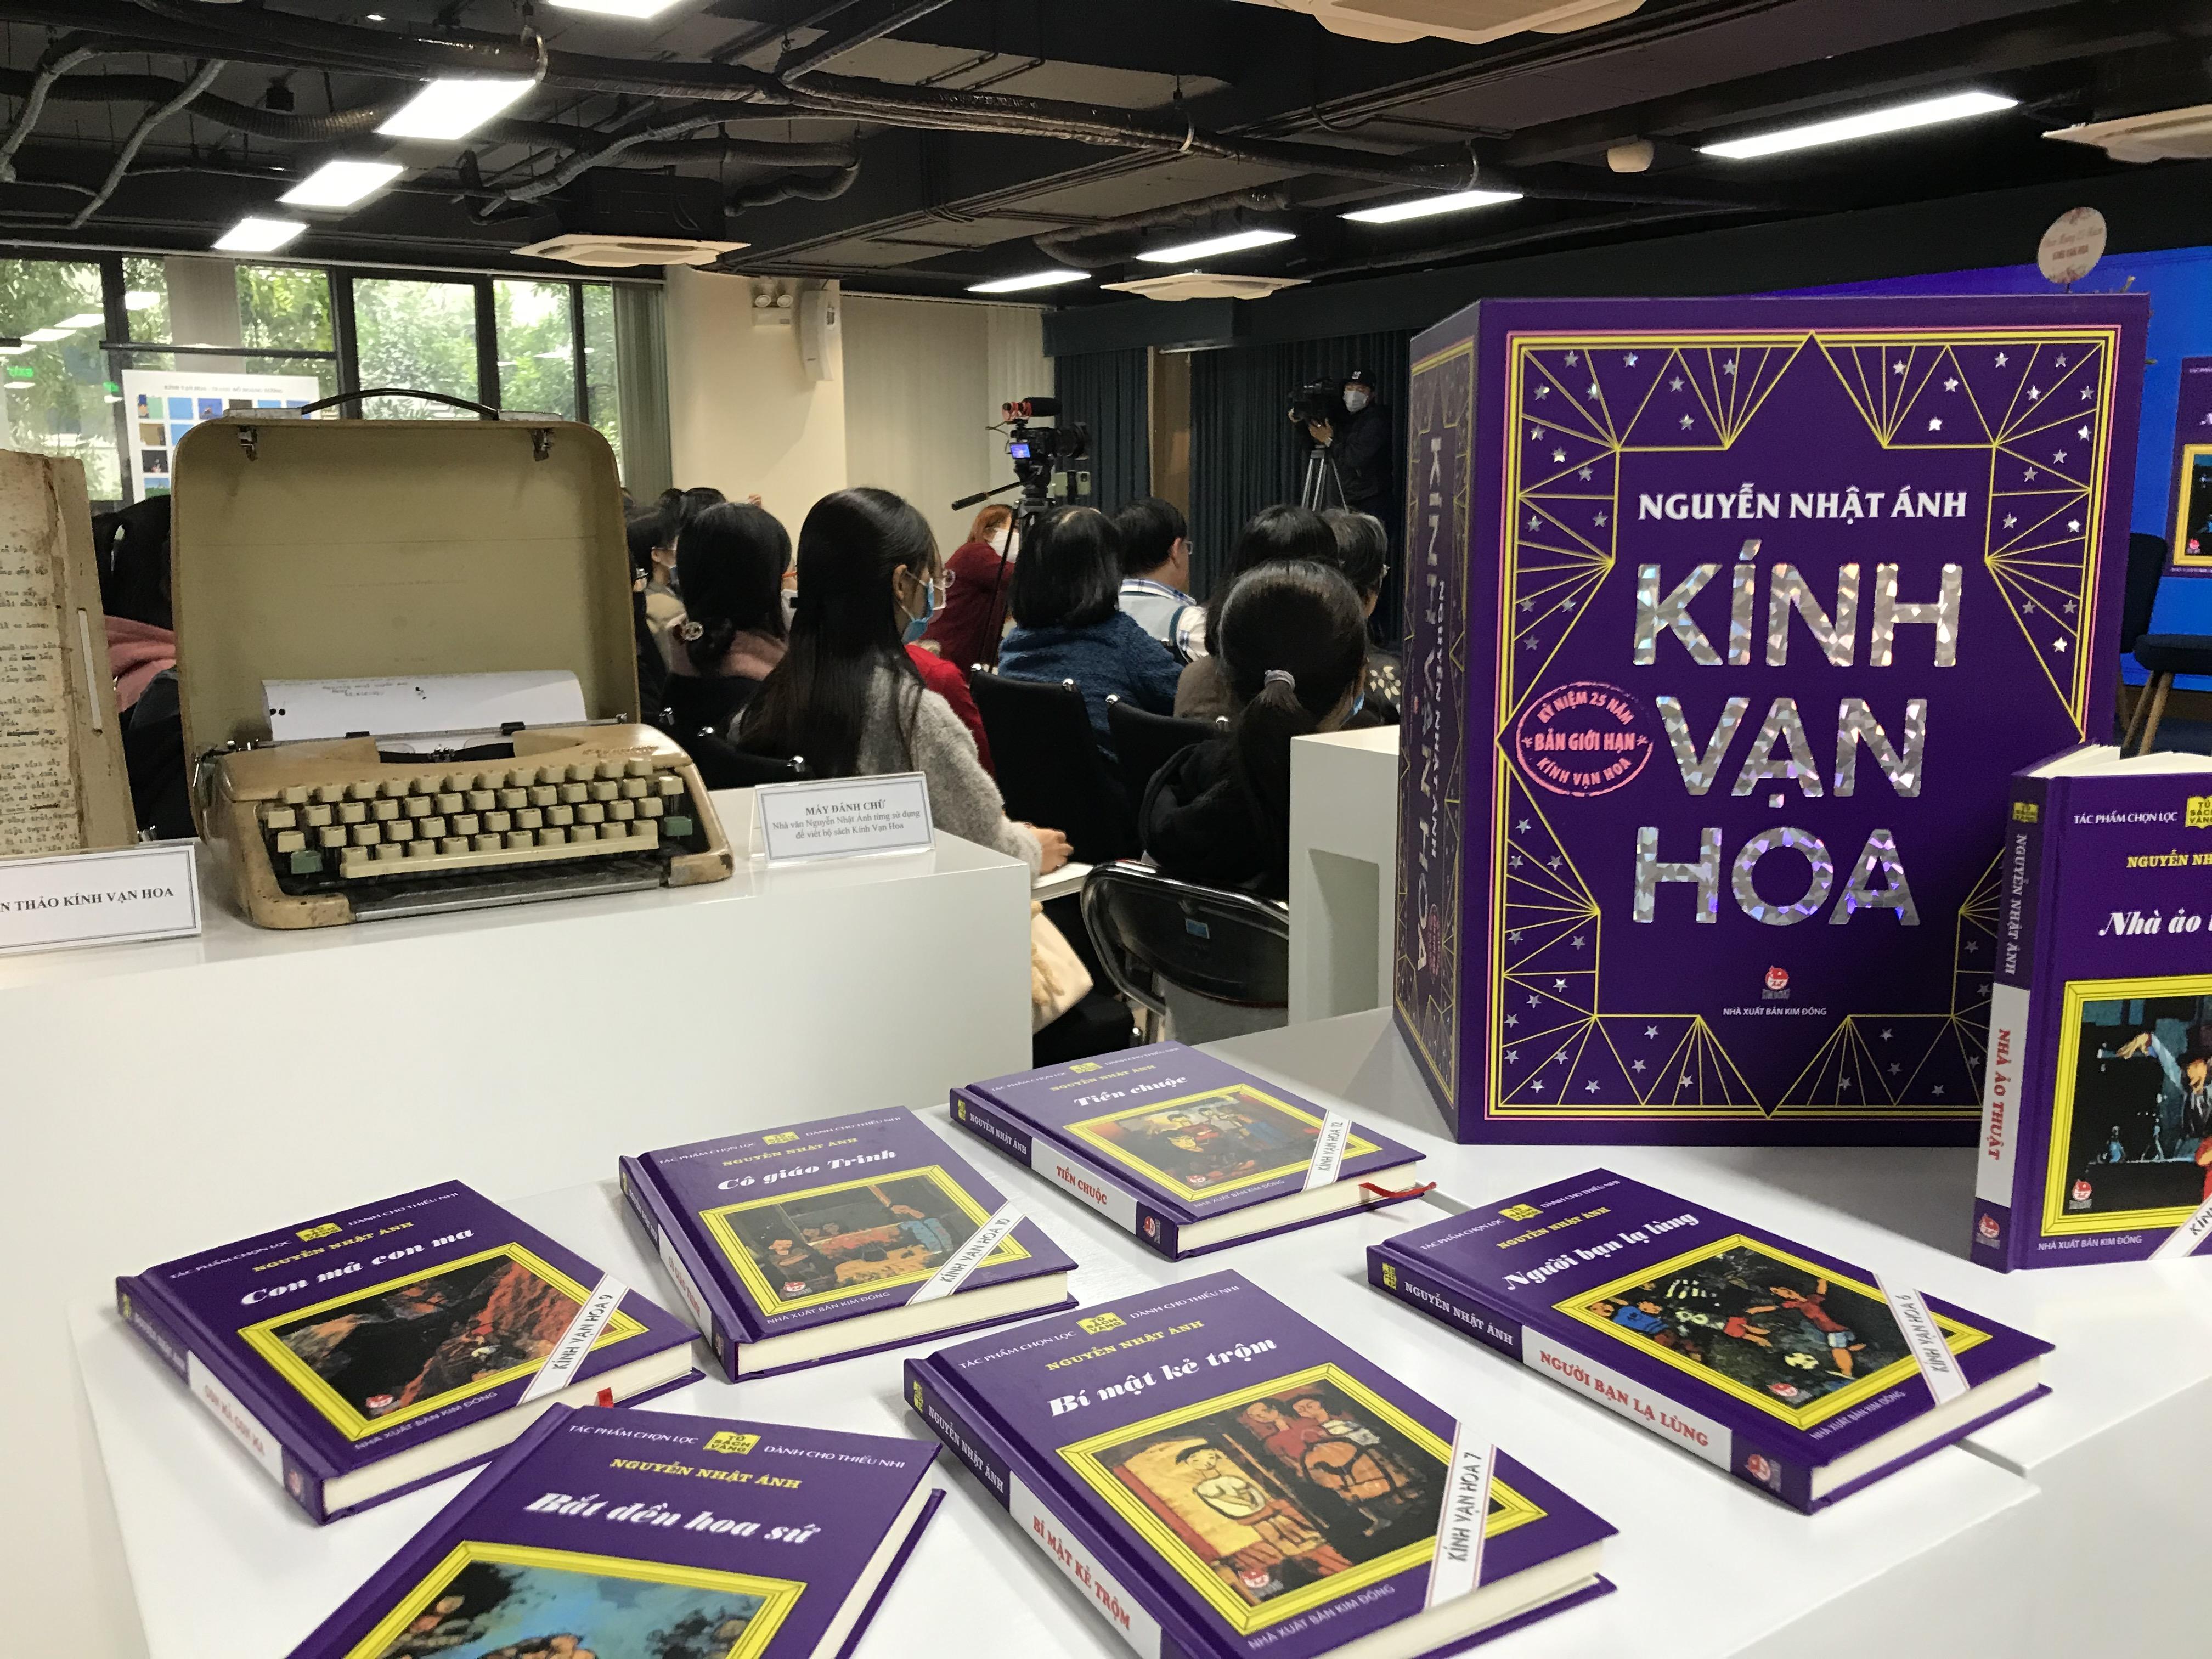 """Chiếc máy chữ nhà văn Nguyễn Nhật Ánh sử dụng và bộ sách """"Kính vạn hoa"""" mới nhất, được in theo bản in lần đầu tiên."""